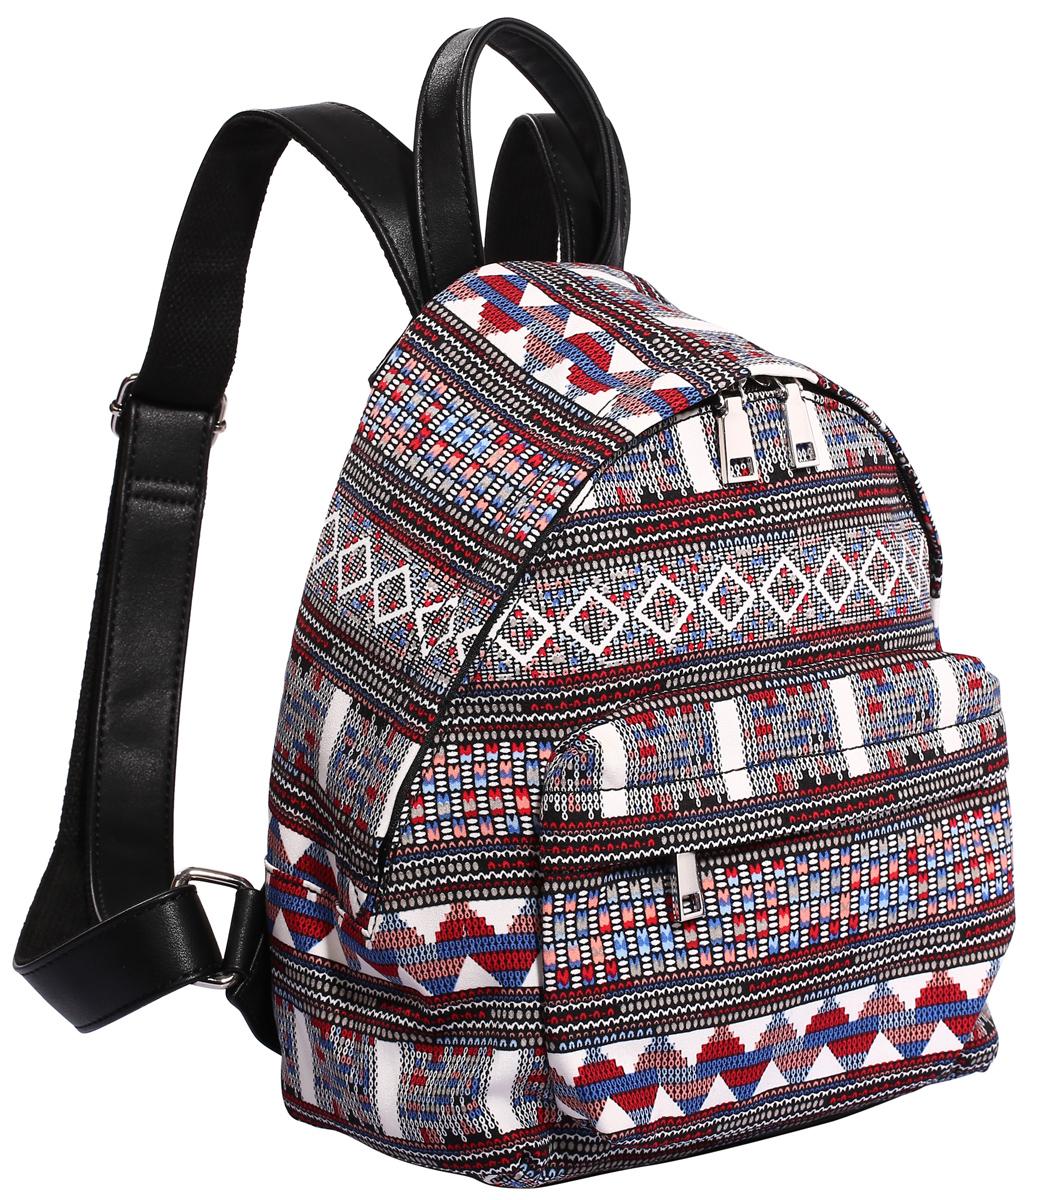 Рюкзак городской женский Pola, цвет: черный, белый, красный, 10 л. 4349